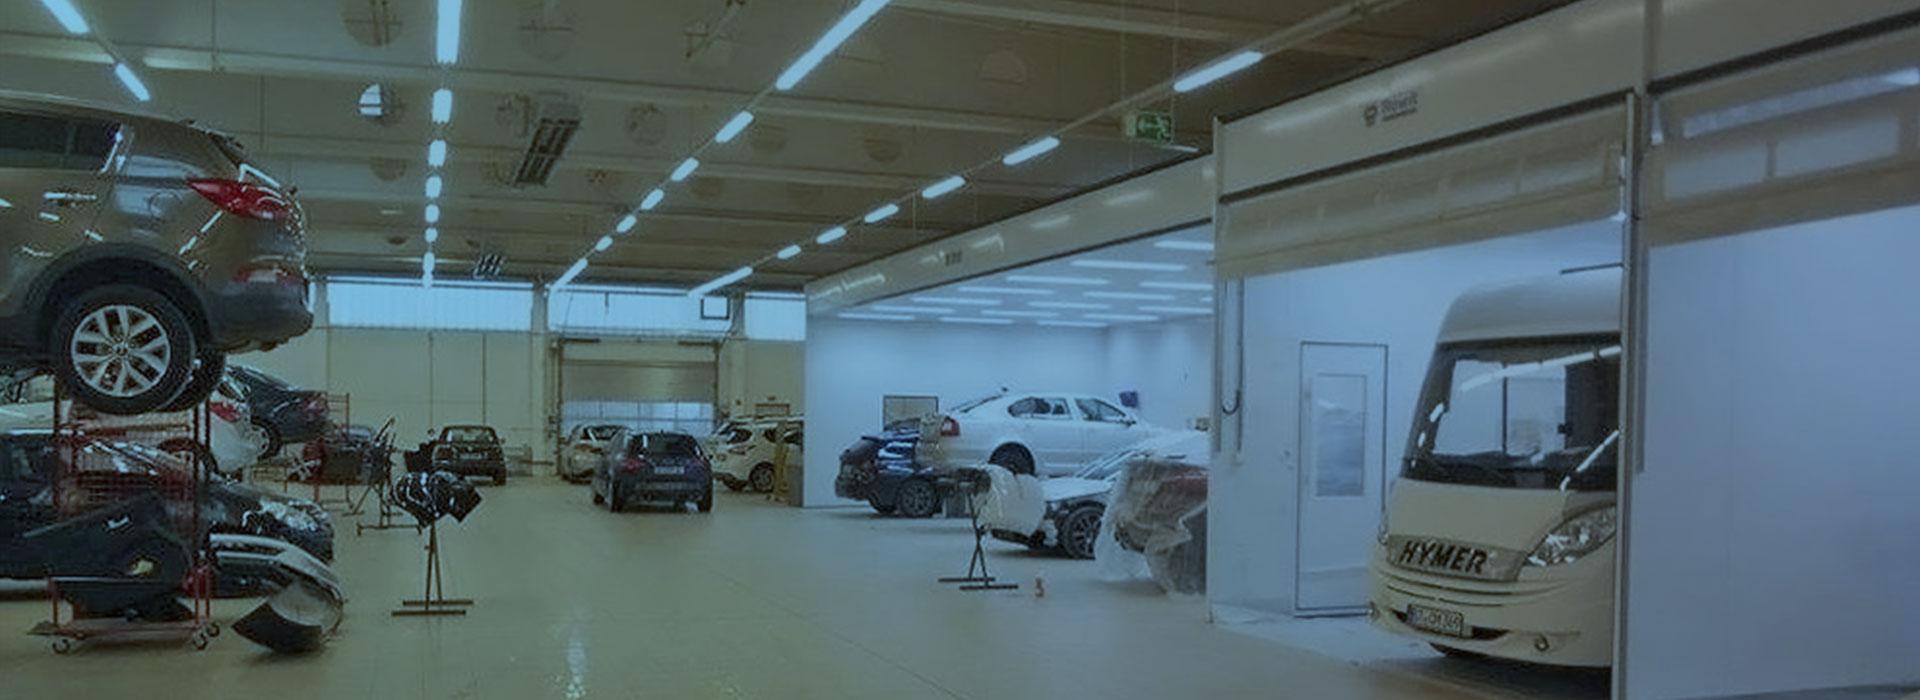 IRS Schott Werkstatthalle